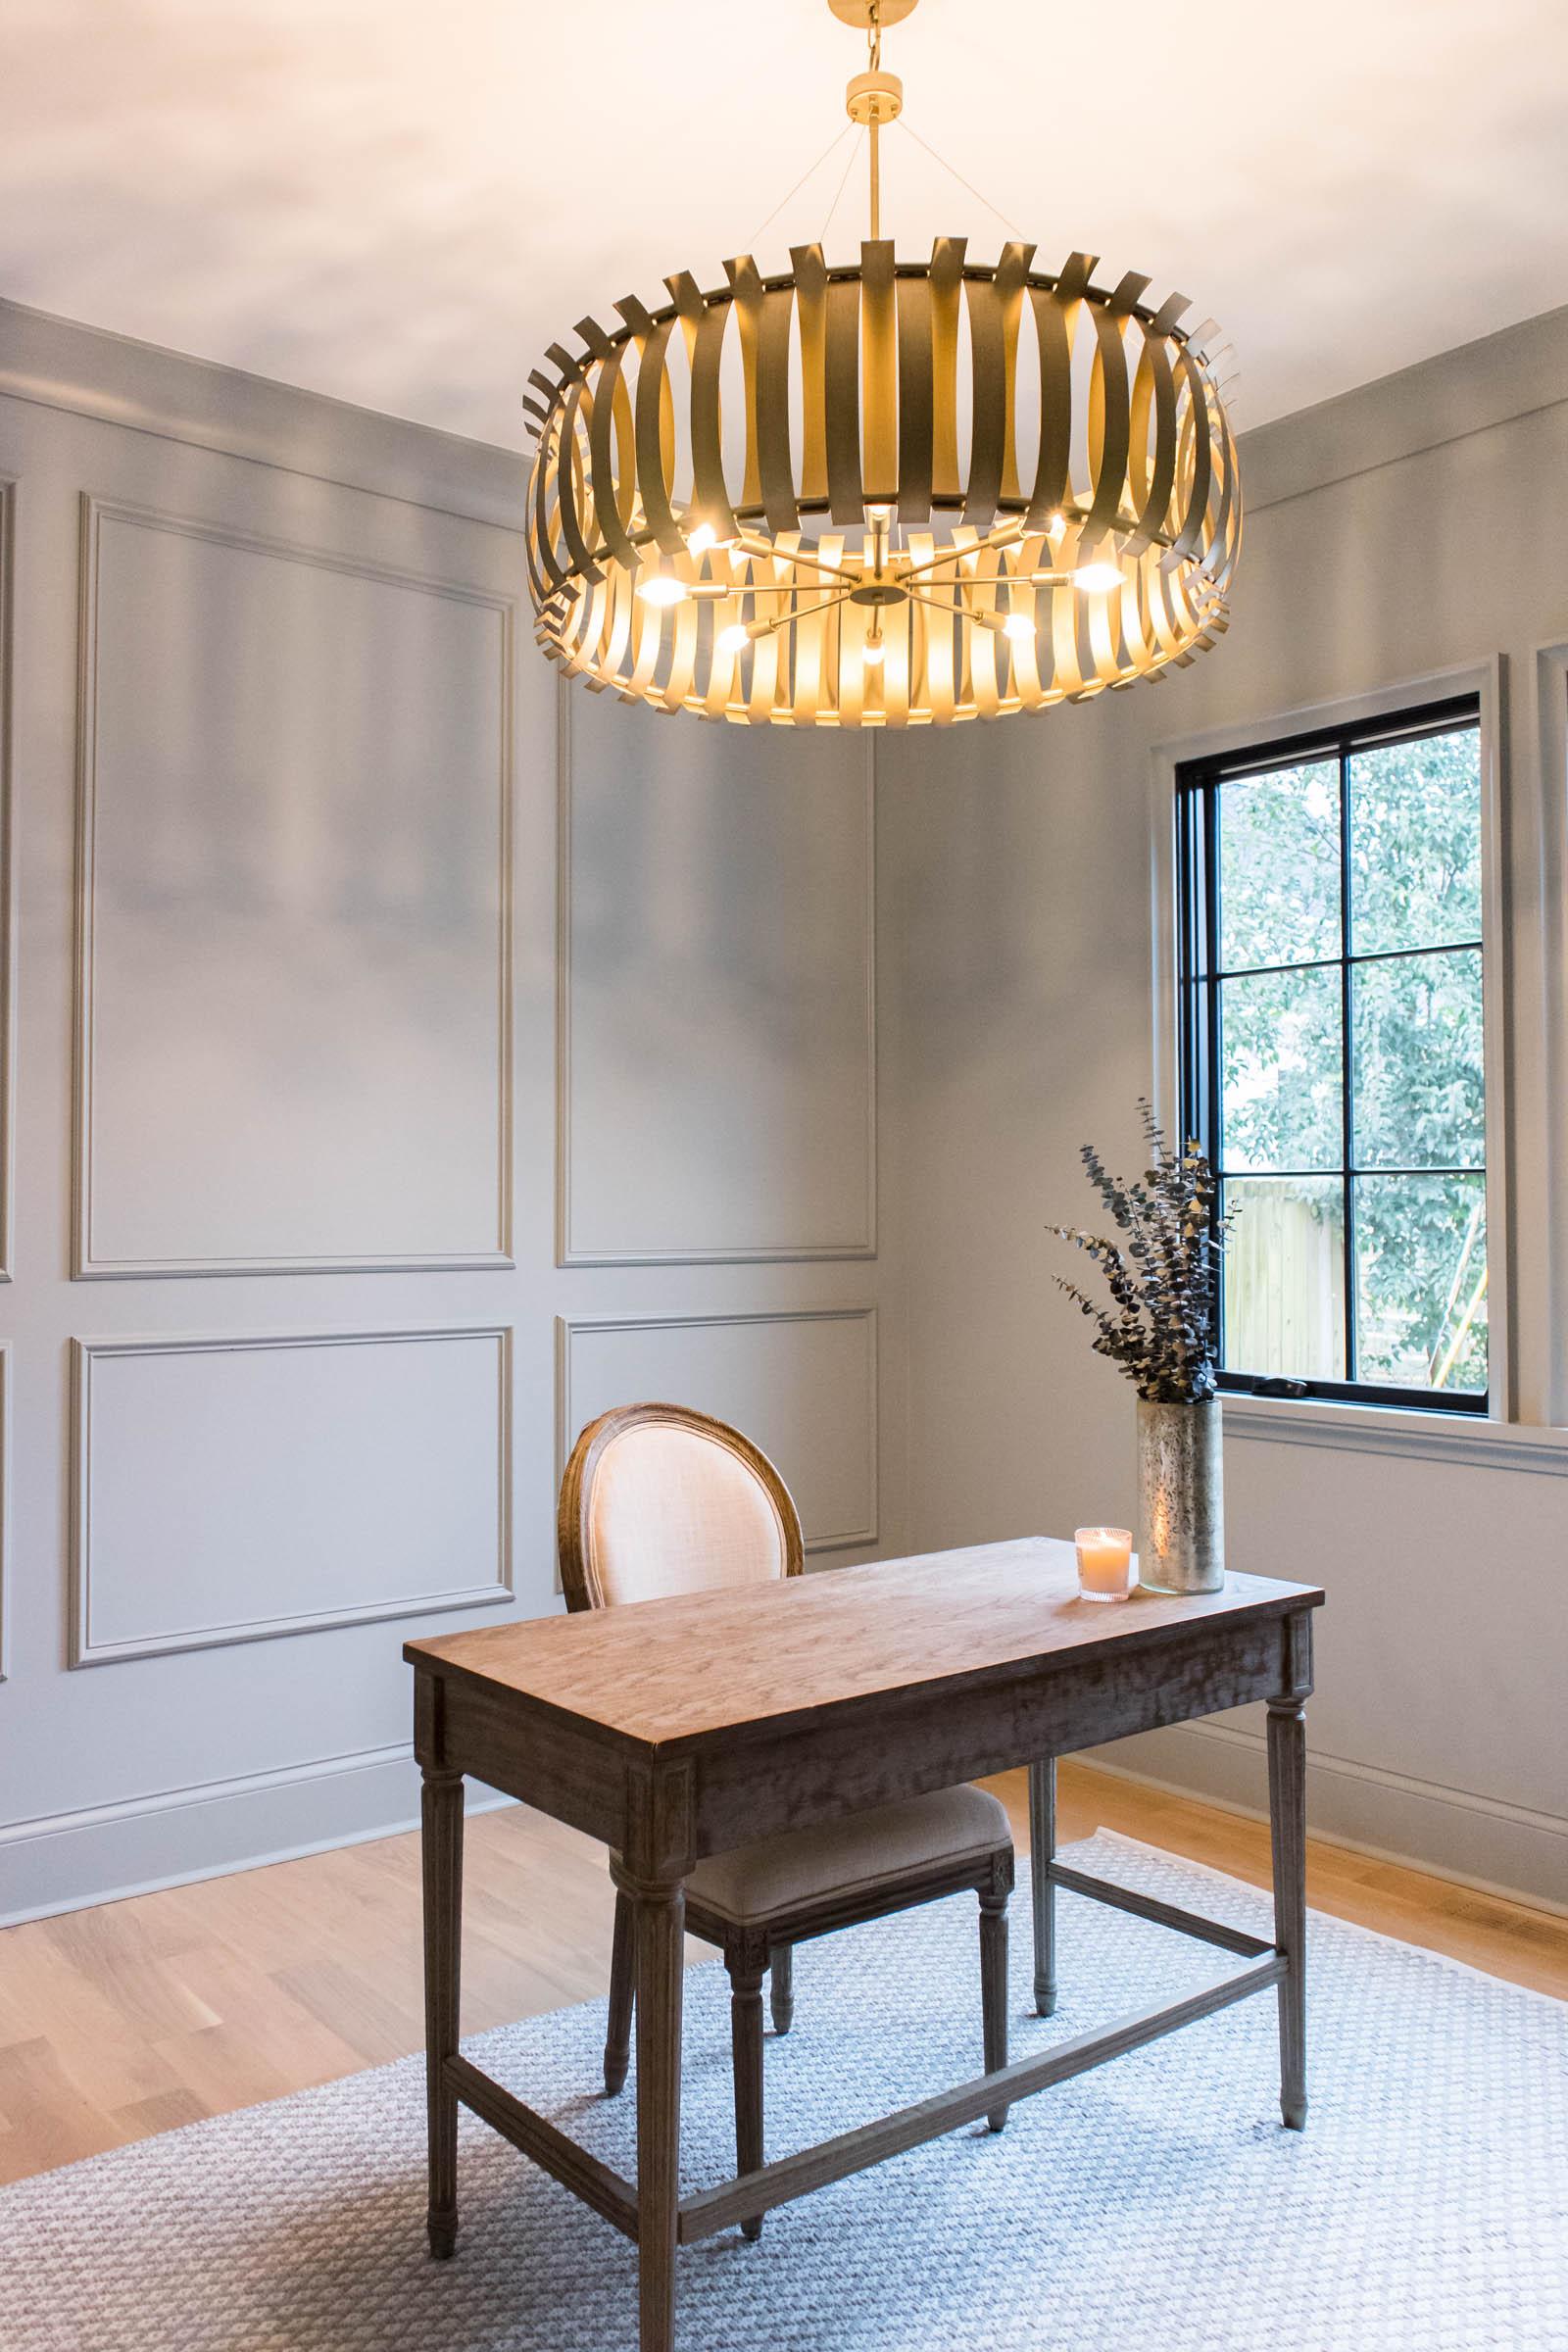 capital lighting Cayden chandelier